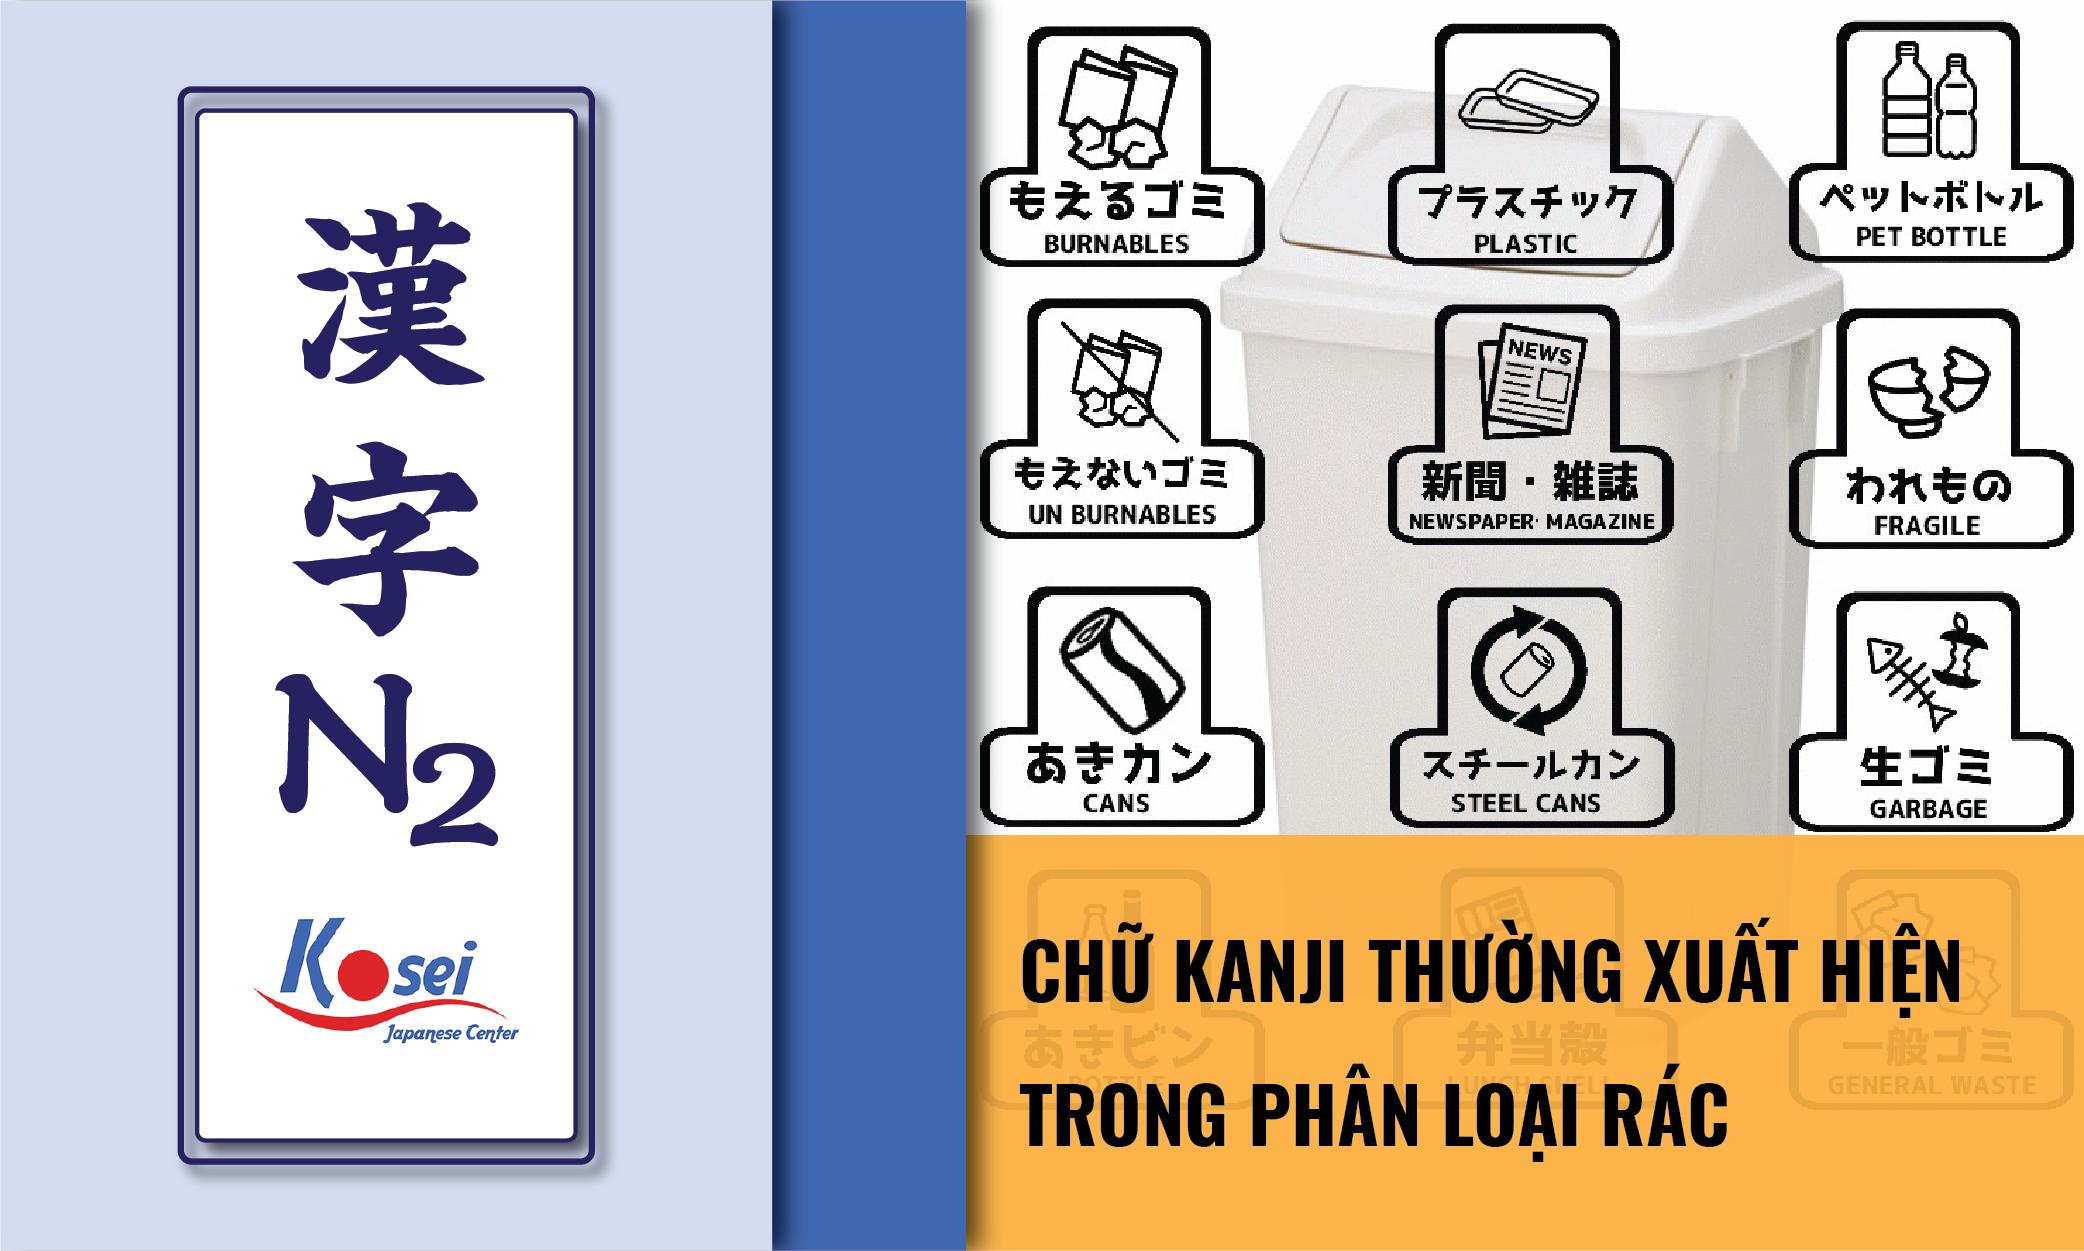 (Tổng hợp) Kanji N2: Phân loại rác